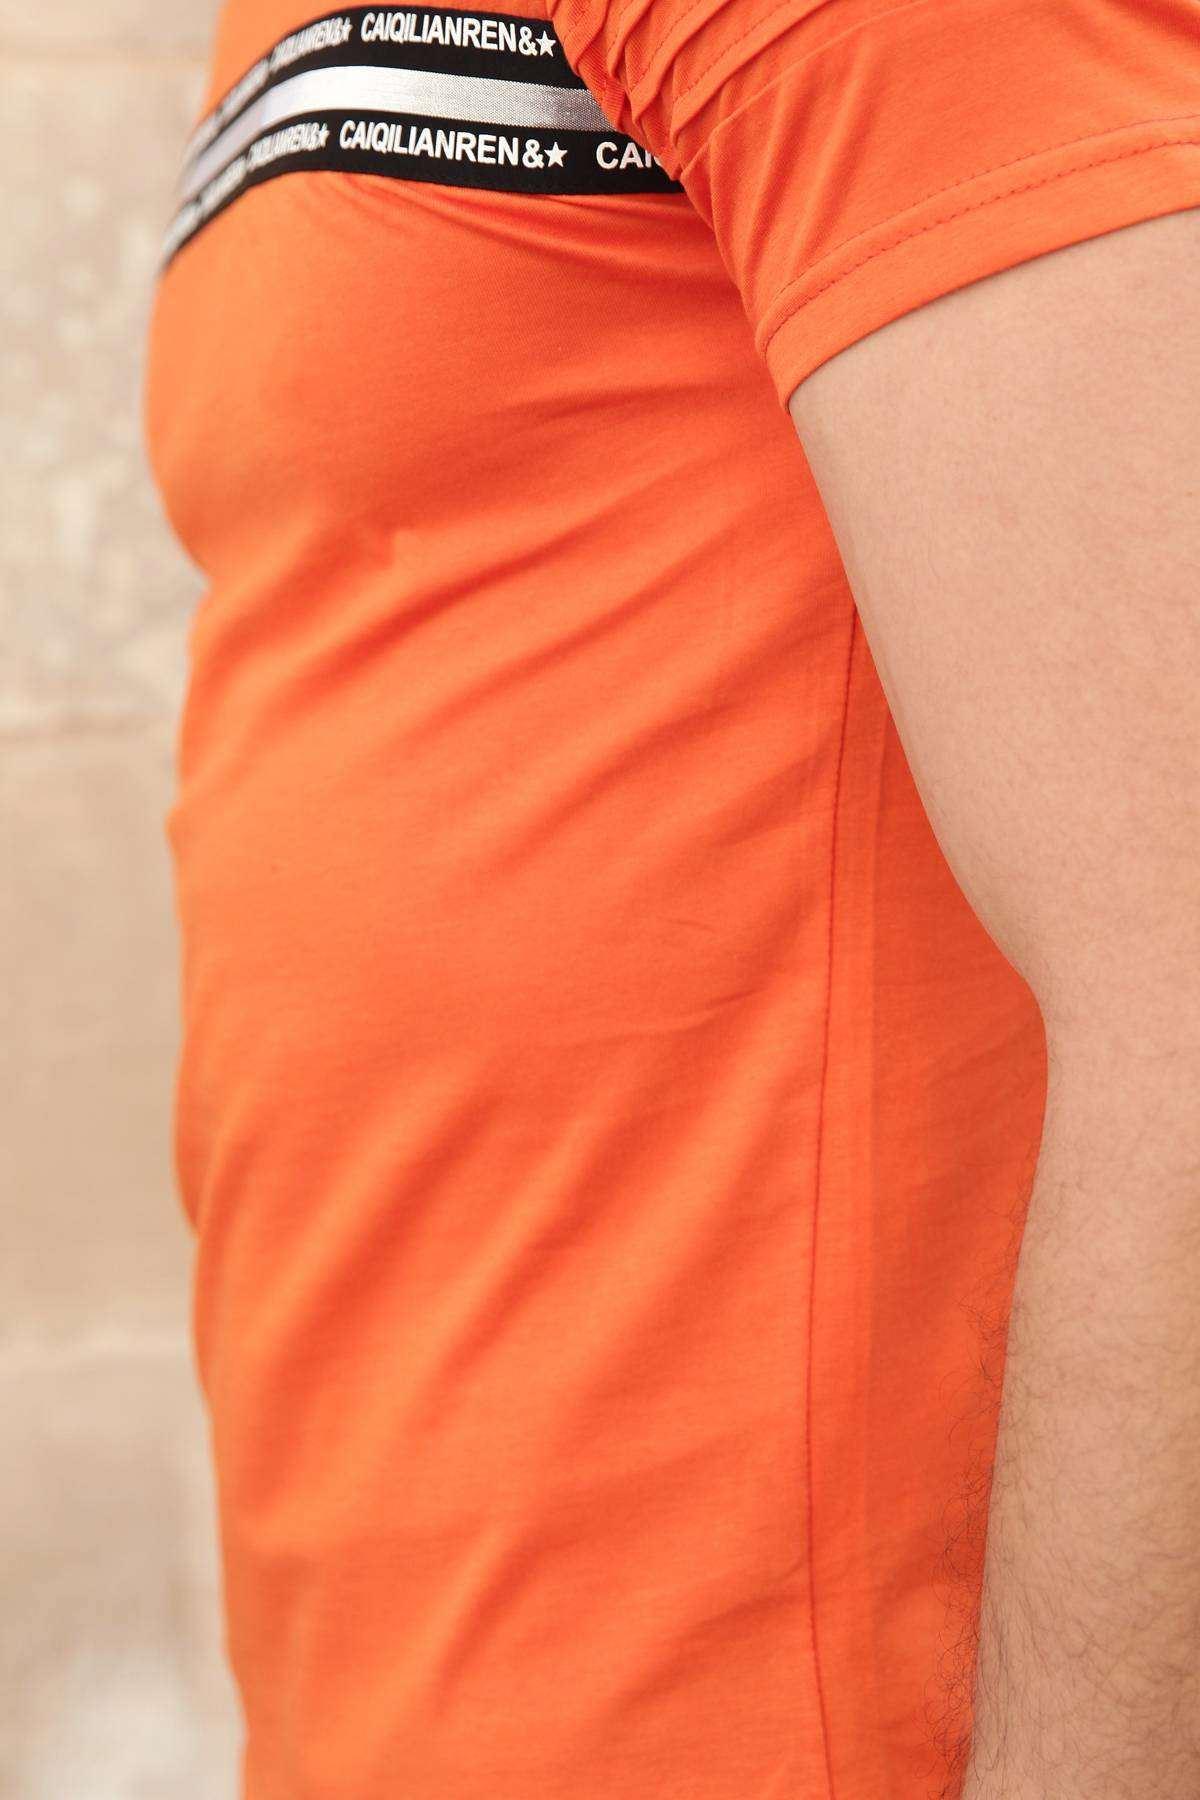 Göğüs Parlak Şerit Yazılı Kol Nervürlü Slim Fit Tişört Turuncu